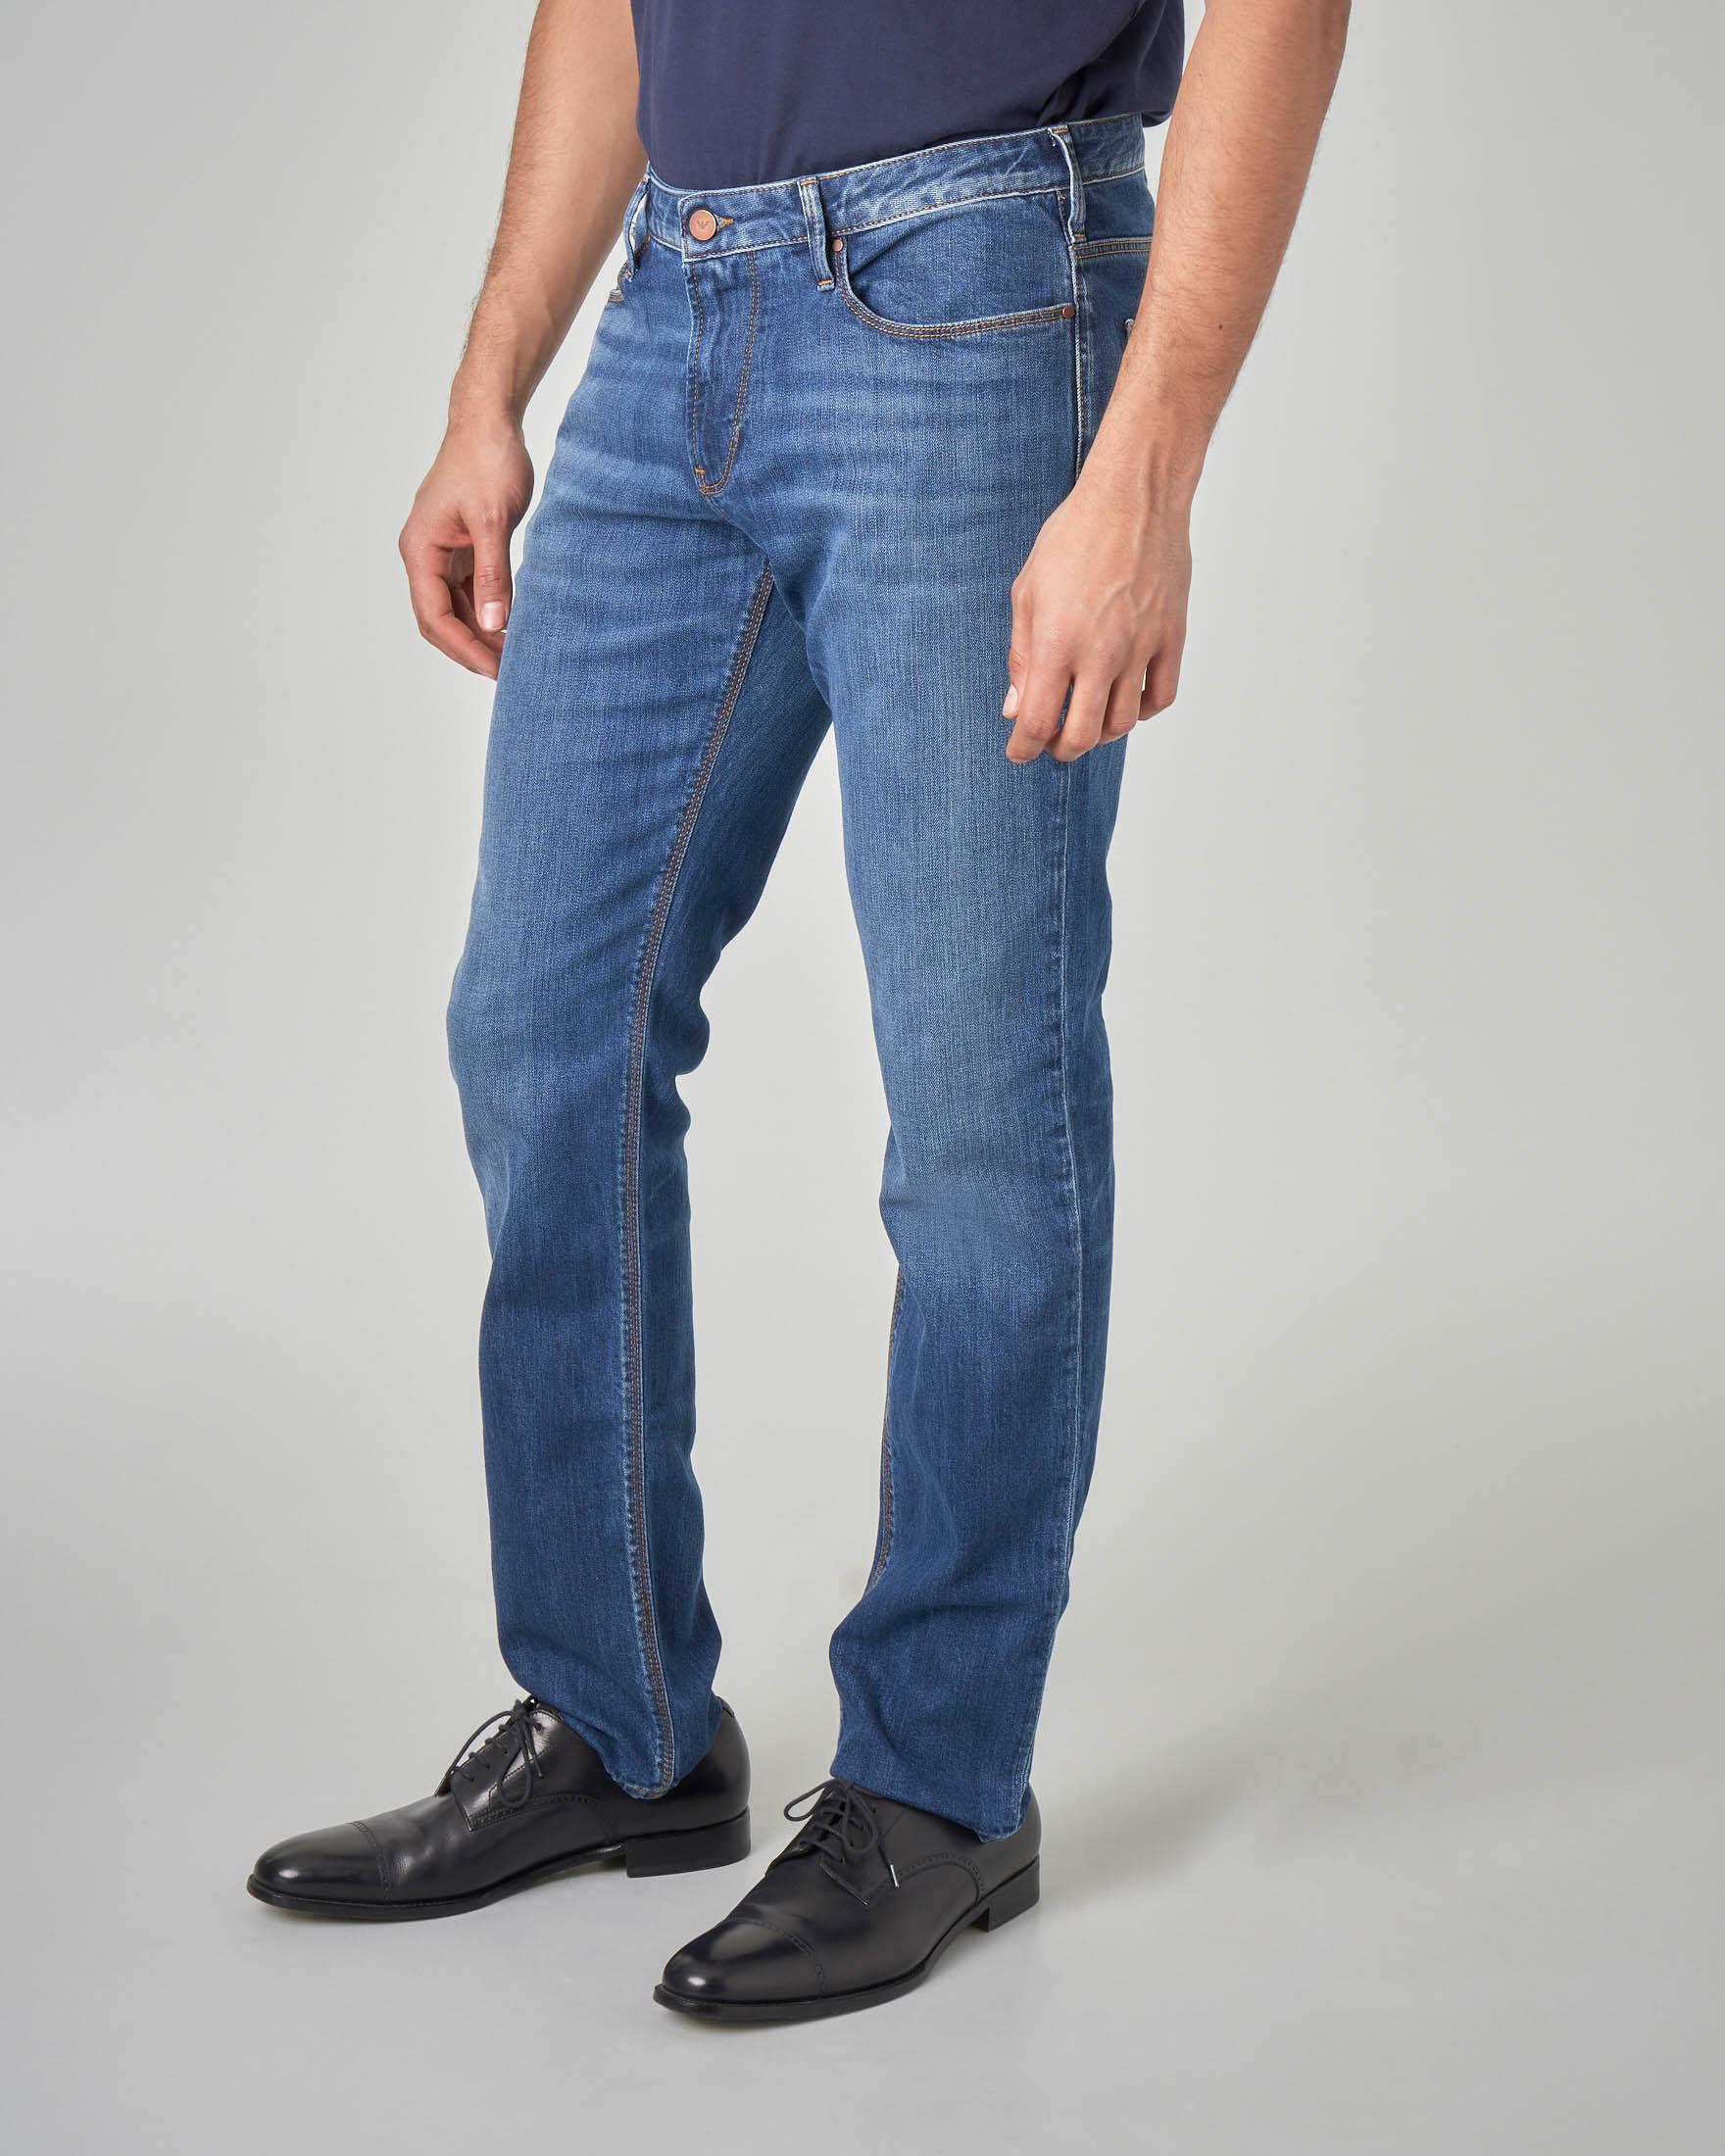 Jeans J06 lavaggio super stone wash